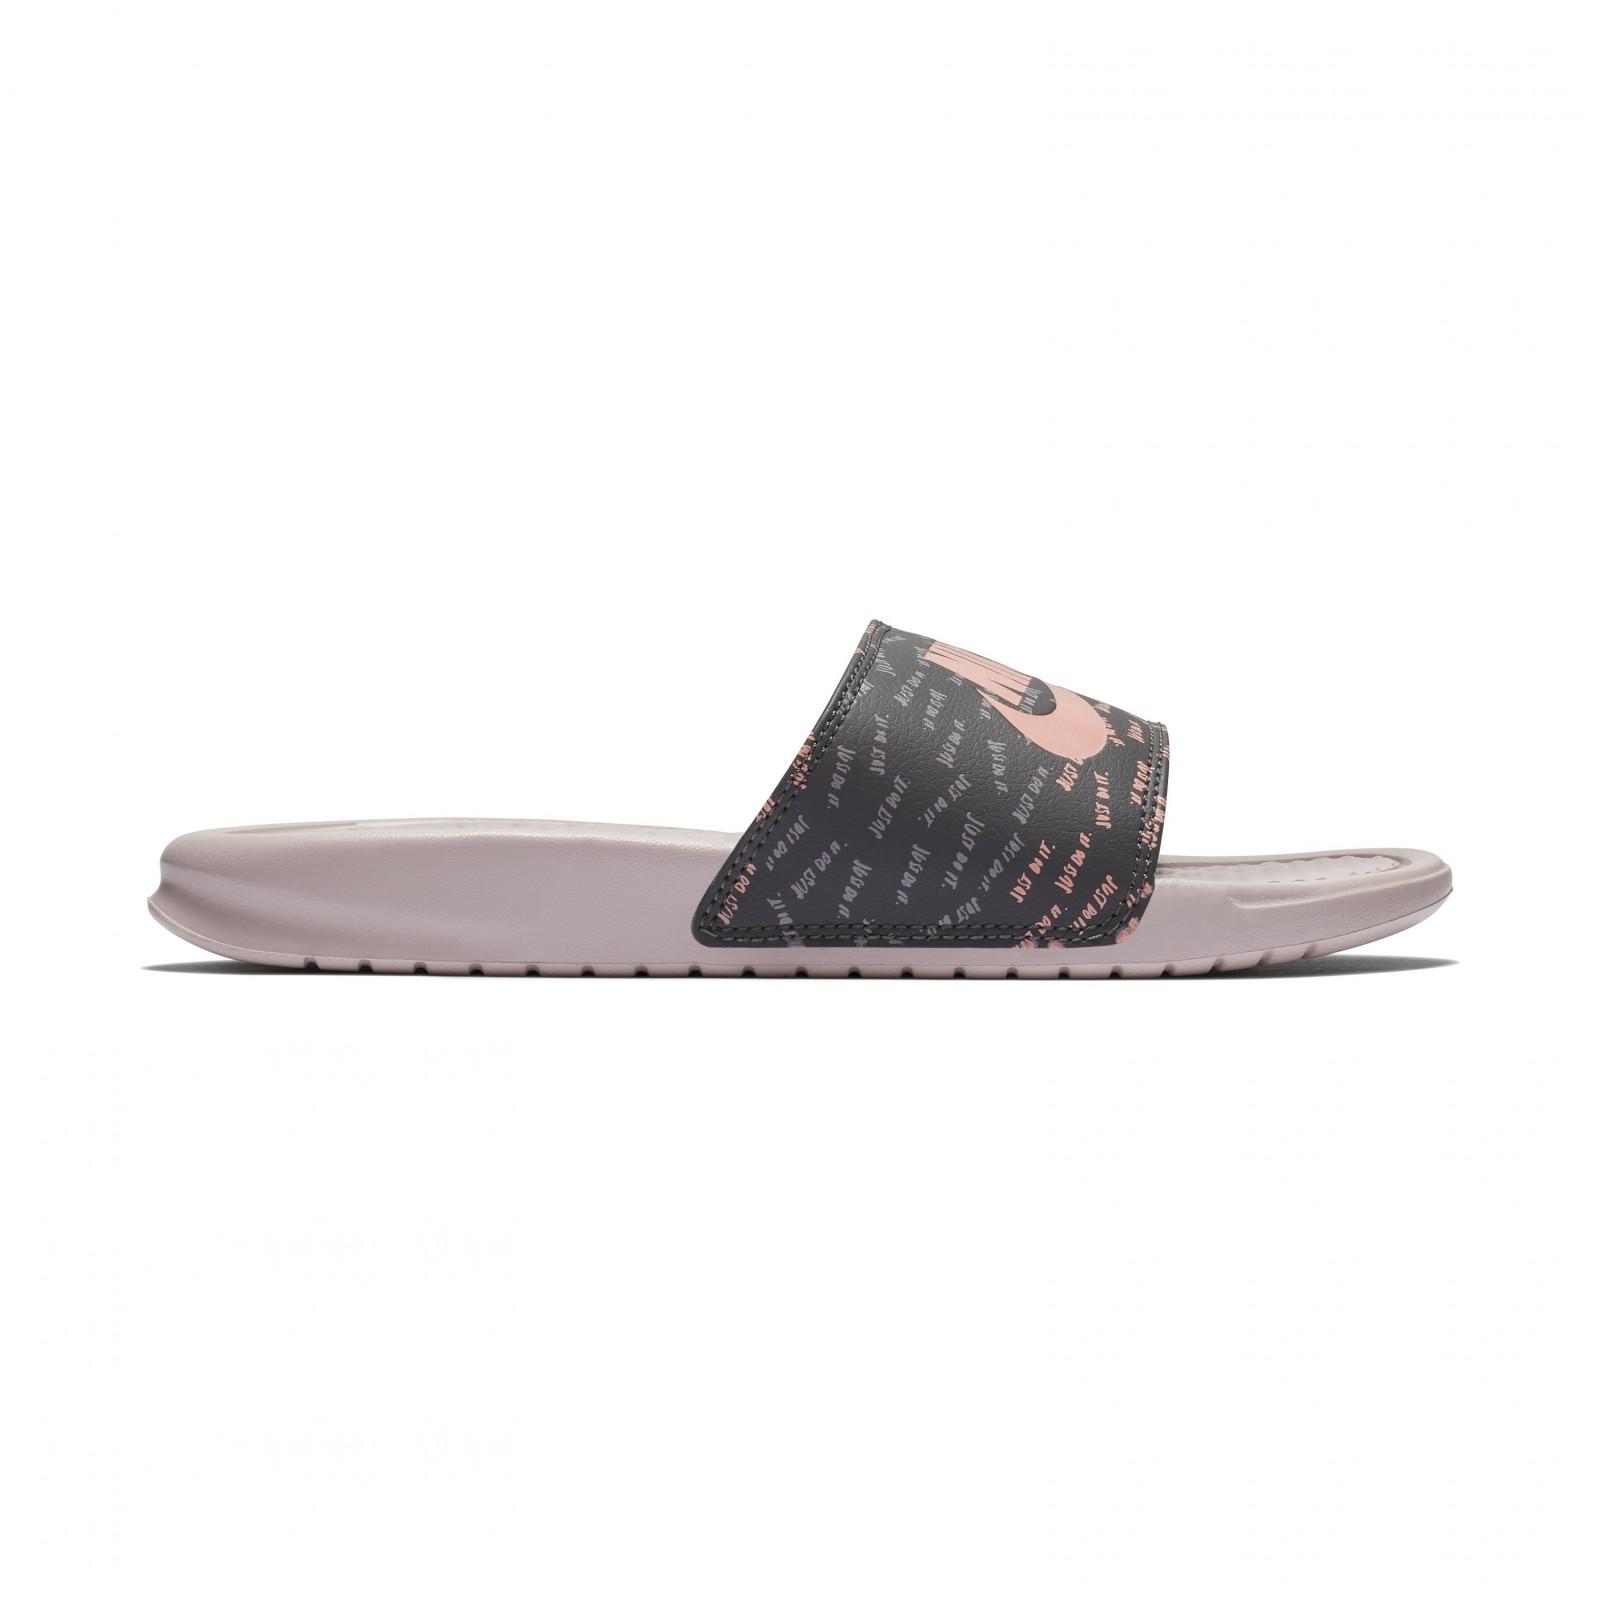 2897ec2160f Dámské pantofle Nike WMNS BENASSI JDI PRINT